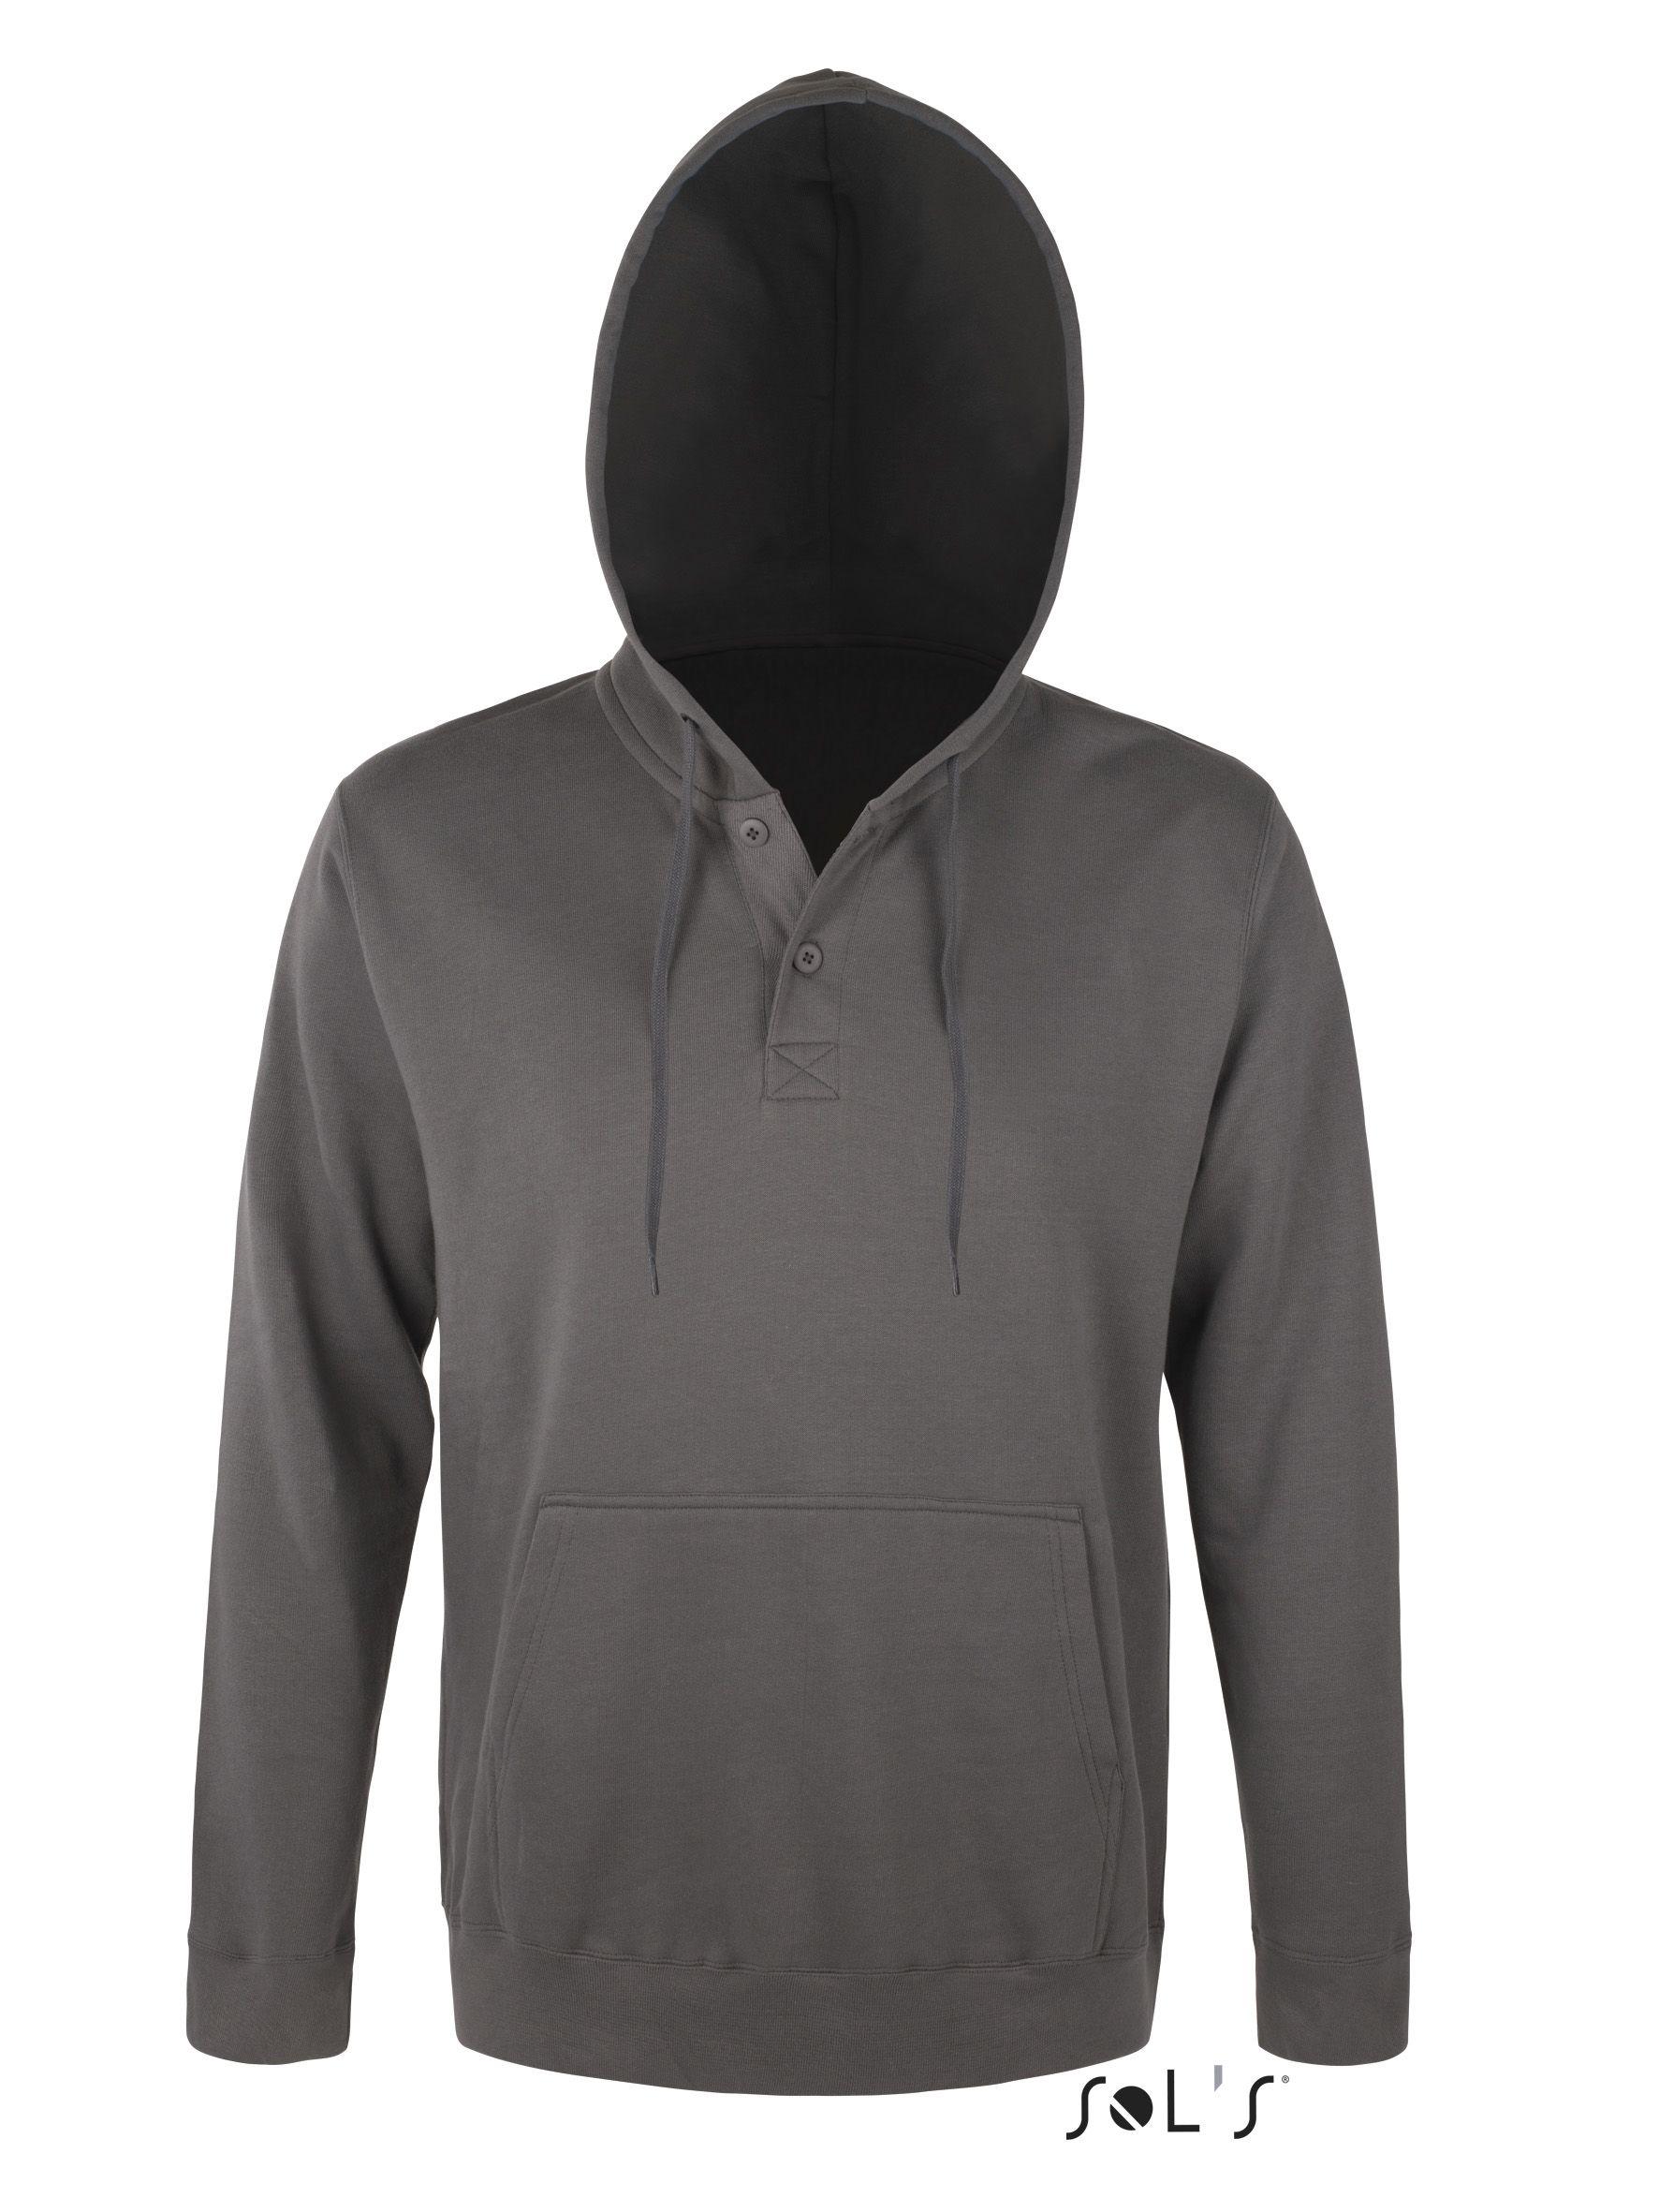 Bluza dresowa S 47301 Saturn 320 - 47301_gris flanelle_S - Kolor: Gris flanelle